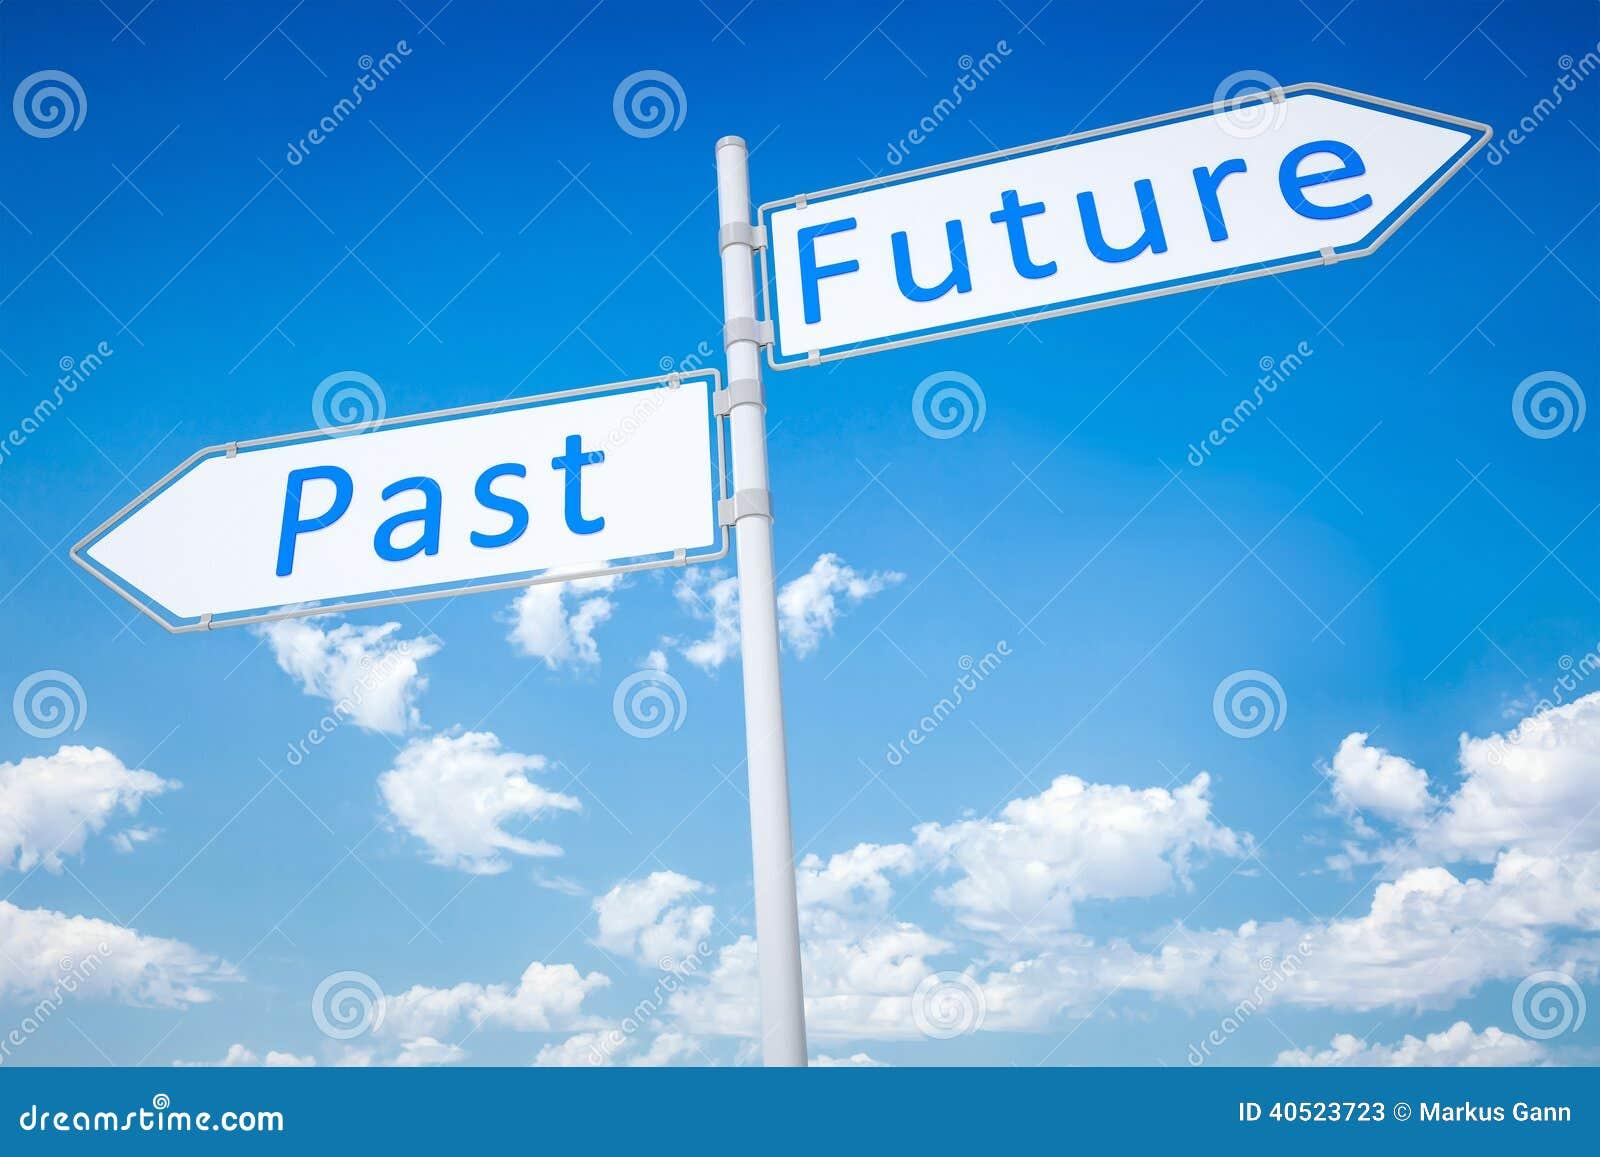 Afgelopen toekomst